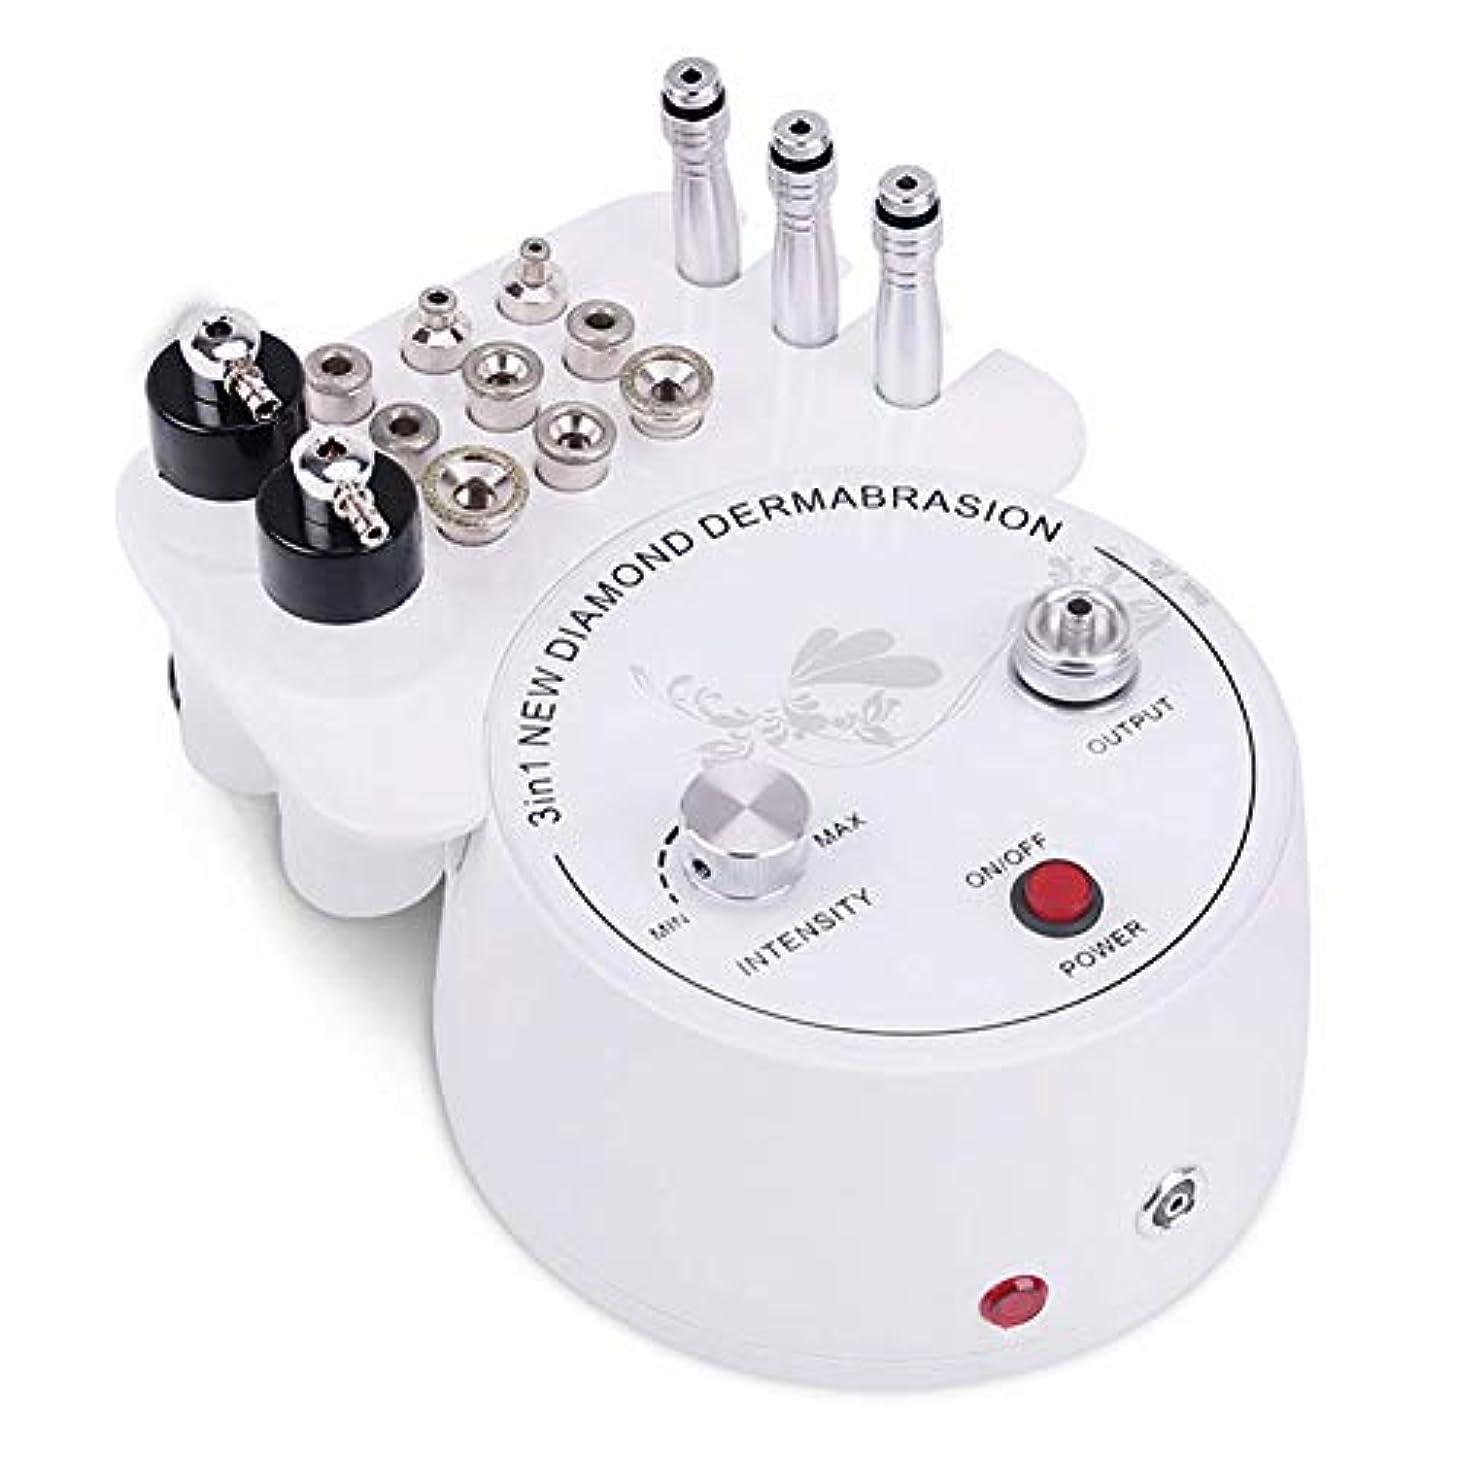 鉛筆タイマーパブ3 in 1 ダイヤモンドマイクロダーマブレーションダーマブレーションマシン、 プロ 皮膚剥離 ダイアモンドビューティーマシン、スキンピーリングリジュビネーションリフティングタイトニング